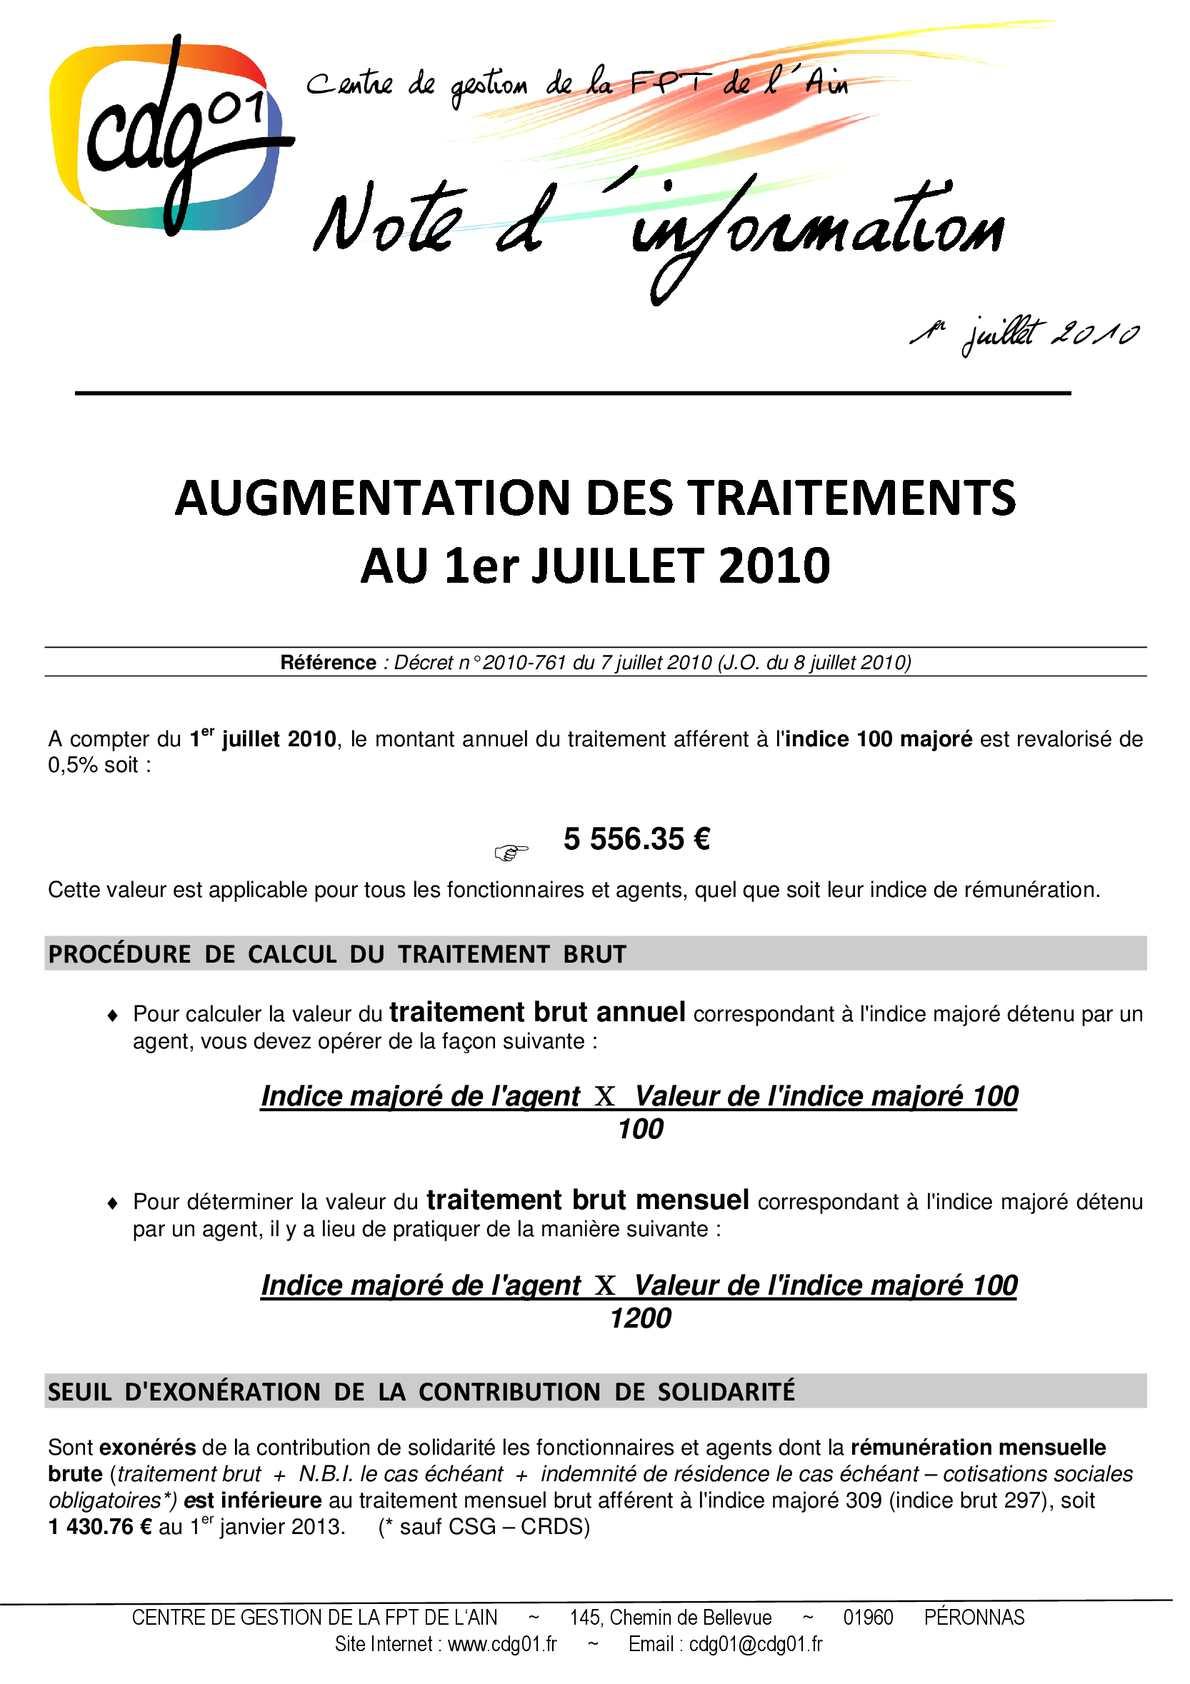 Calameo 2014 01 Revalorisation Traitement Au01072010 Cdg Ain 01